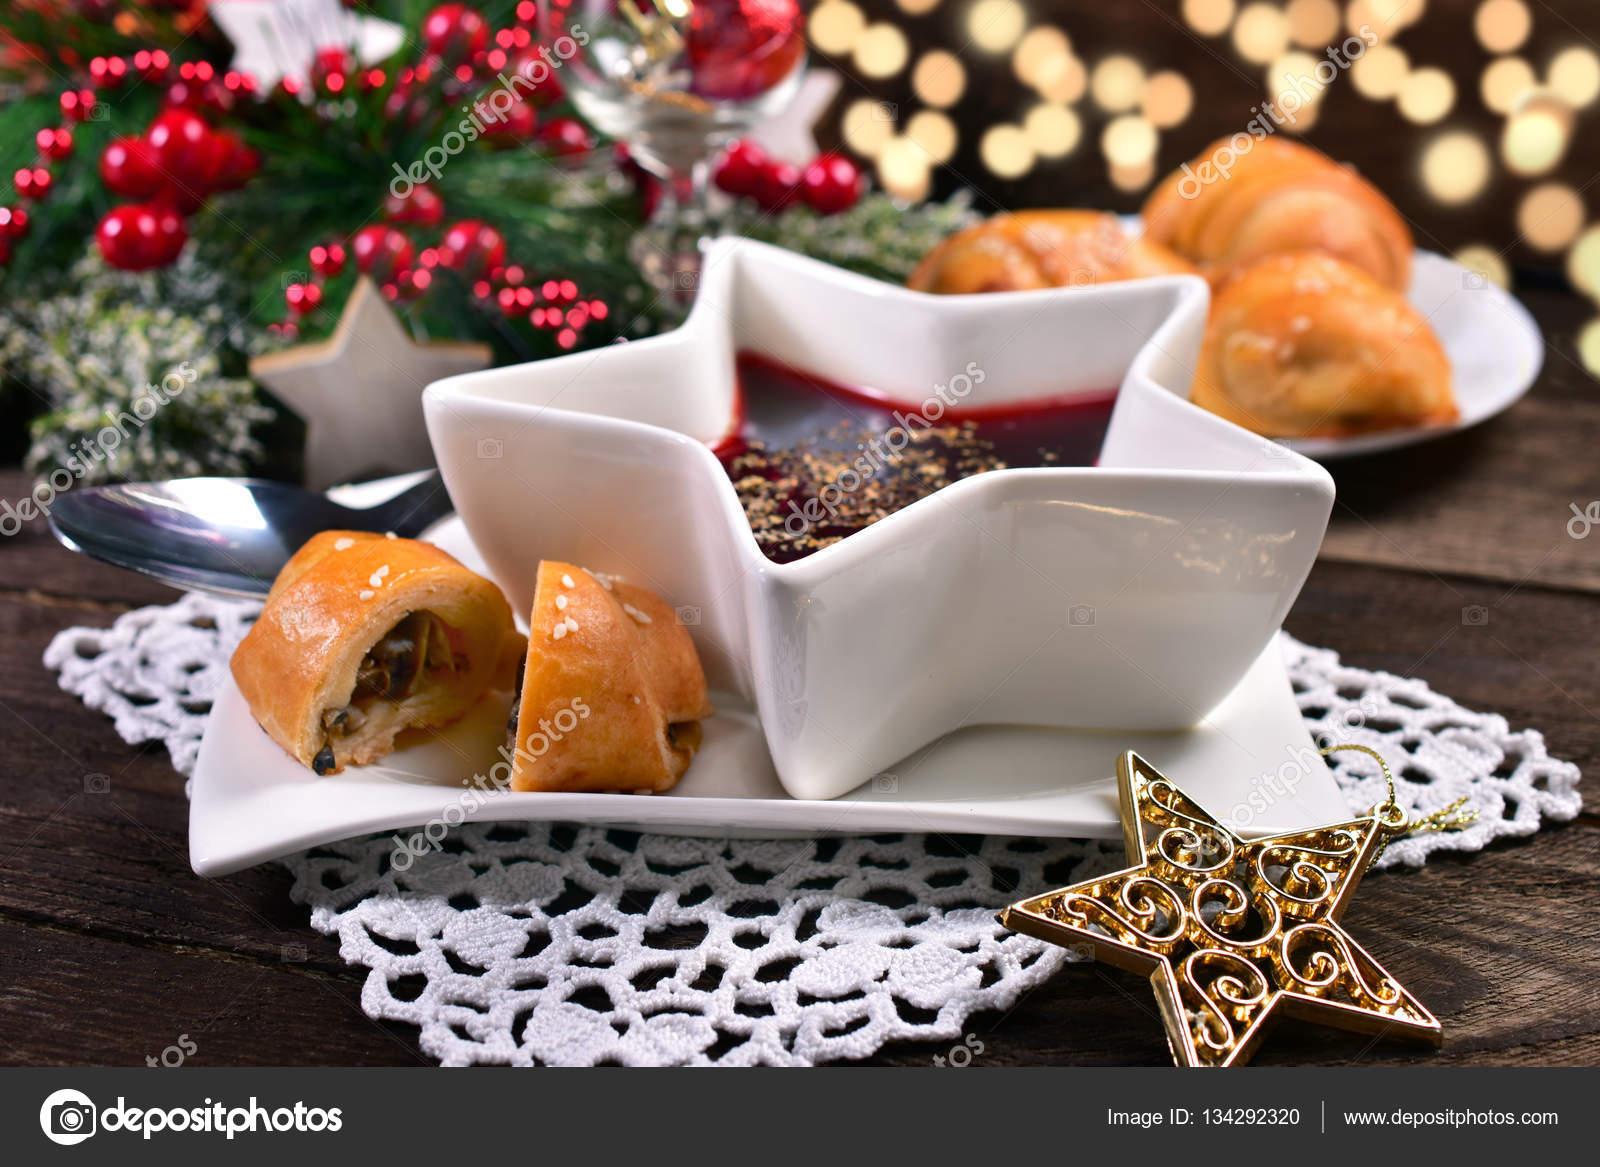 Dolci Per La Vigilia Di Natale.Borscht Rosso E Funghi Dolci Per La Vigilia Di Natale Foto